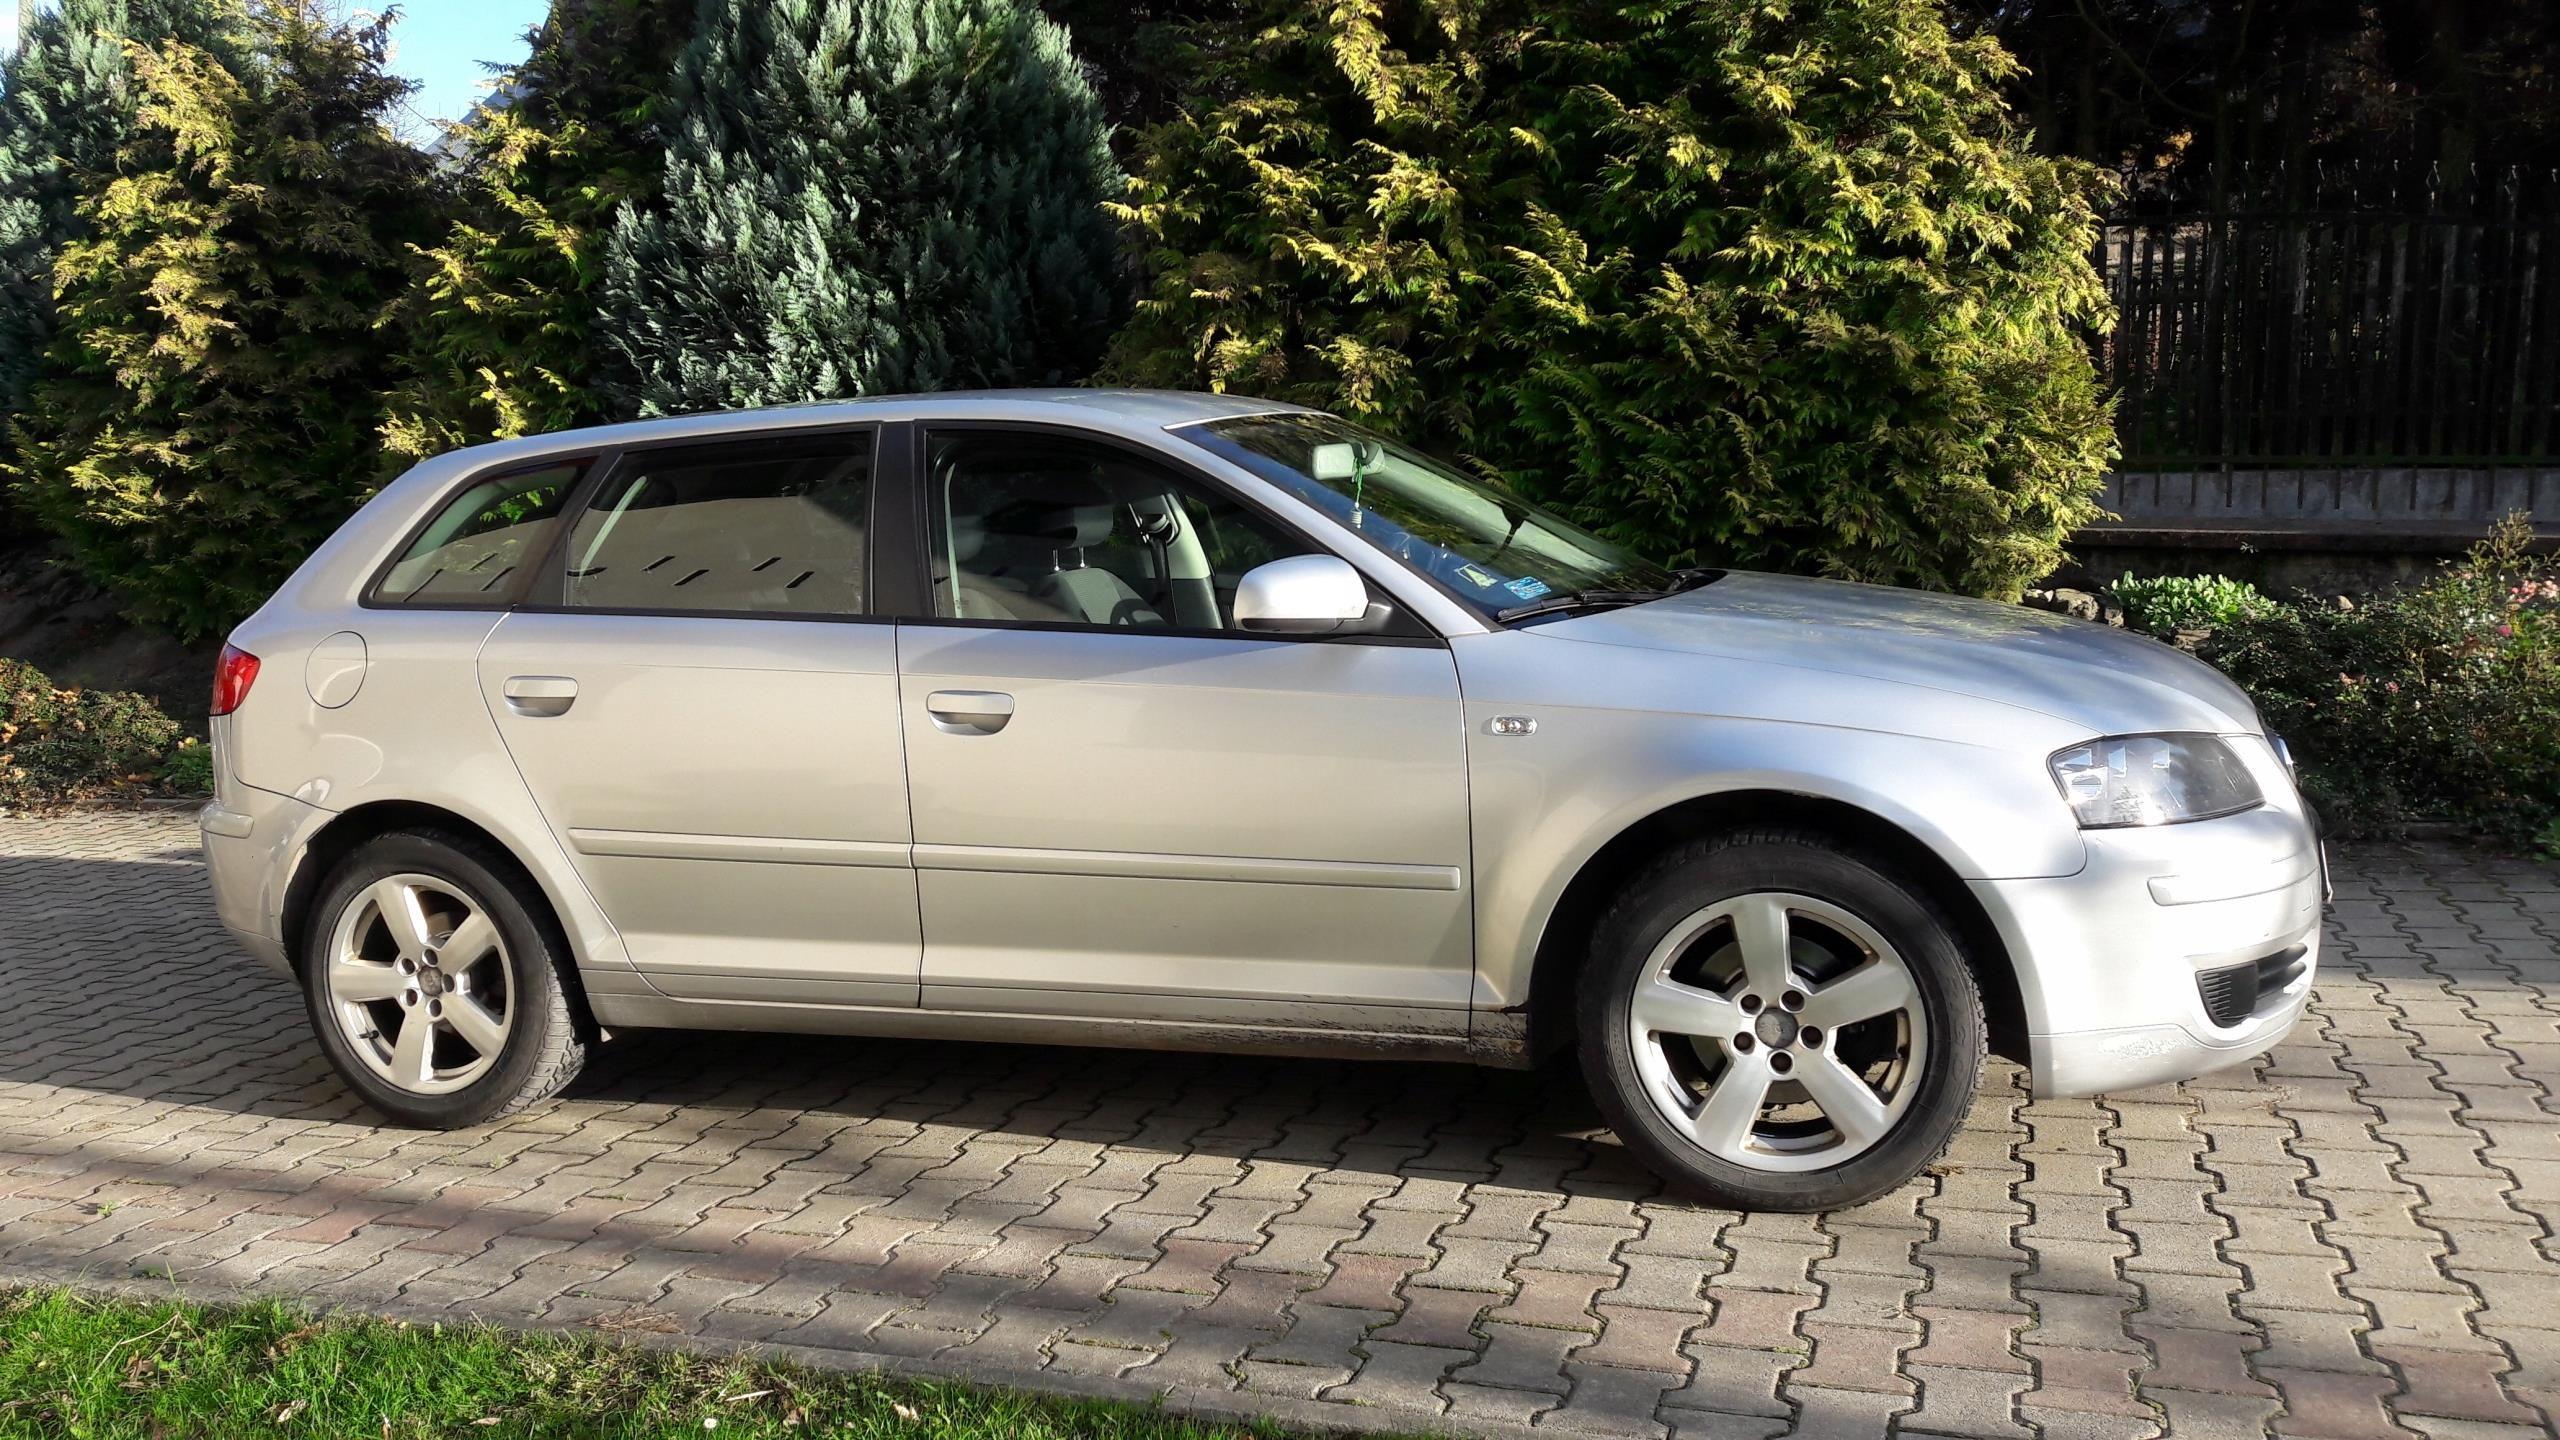 Audi A3 Sportback 1 9 Tdi 105km 2006 Opinie I Ceny Na Ceneo Pl